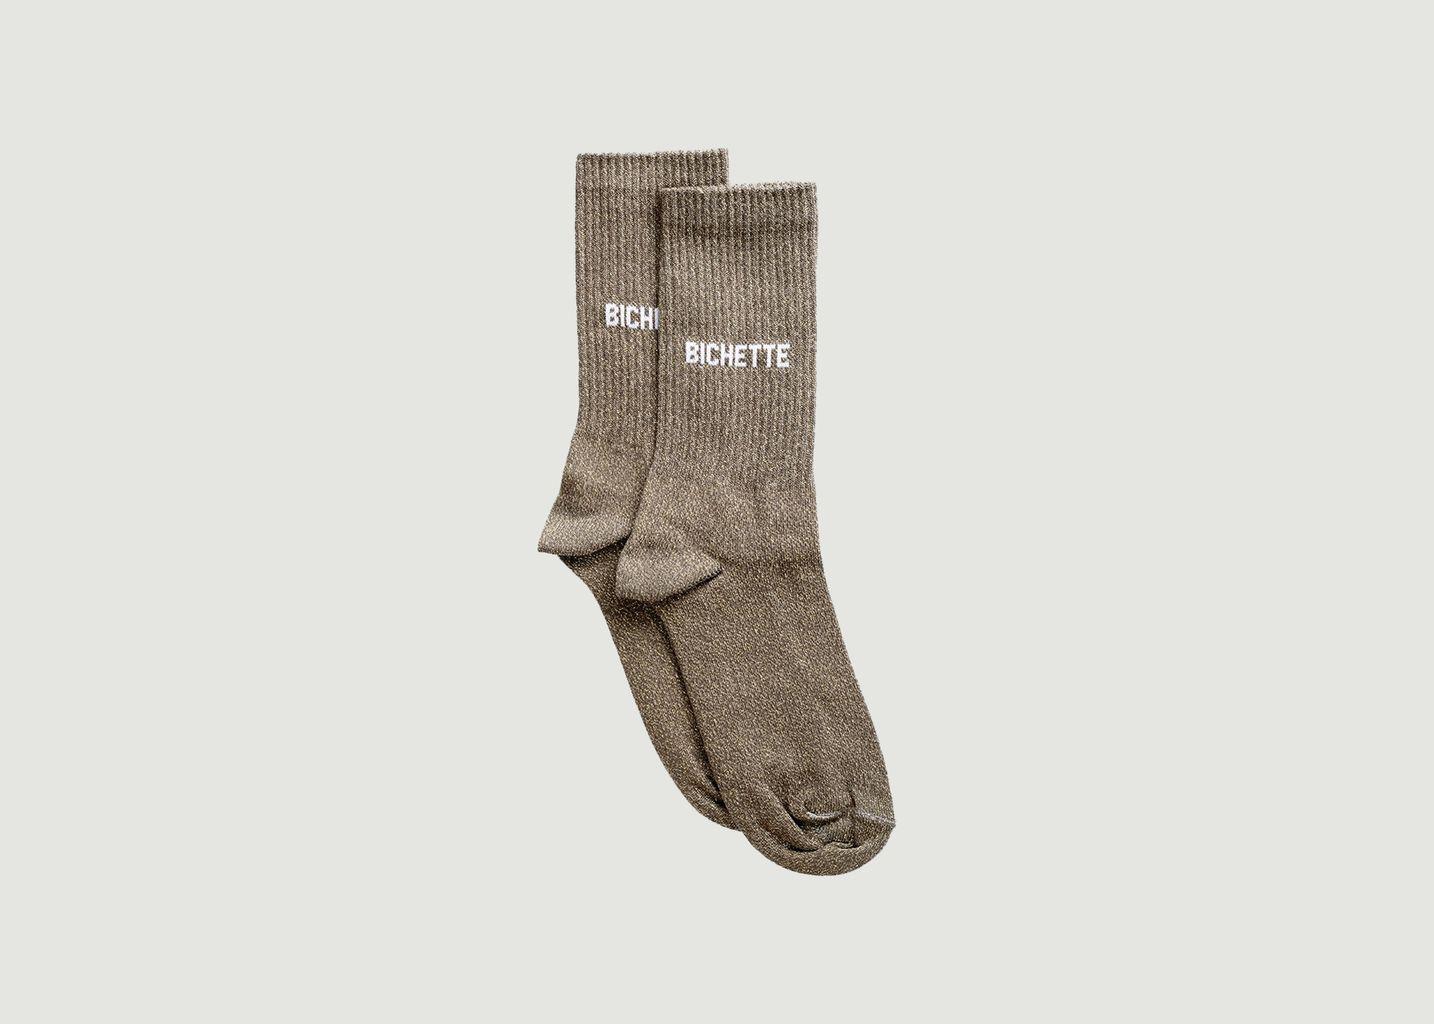 Chaussettes Côtelées Bichette - Felicie Aussi